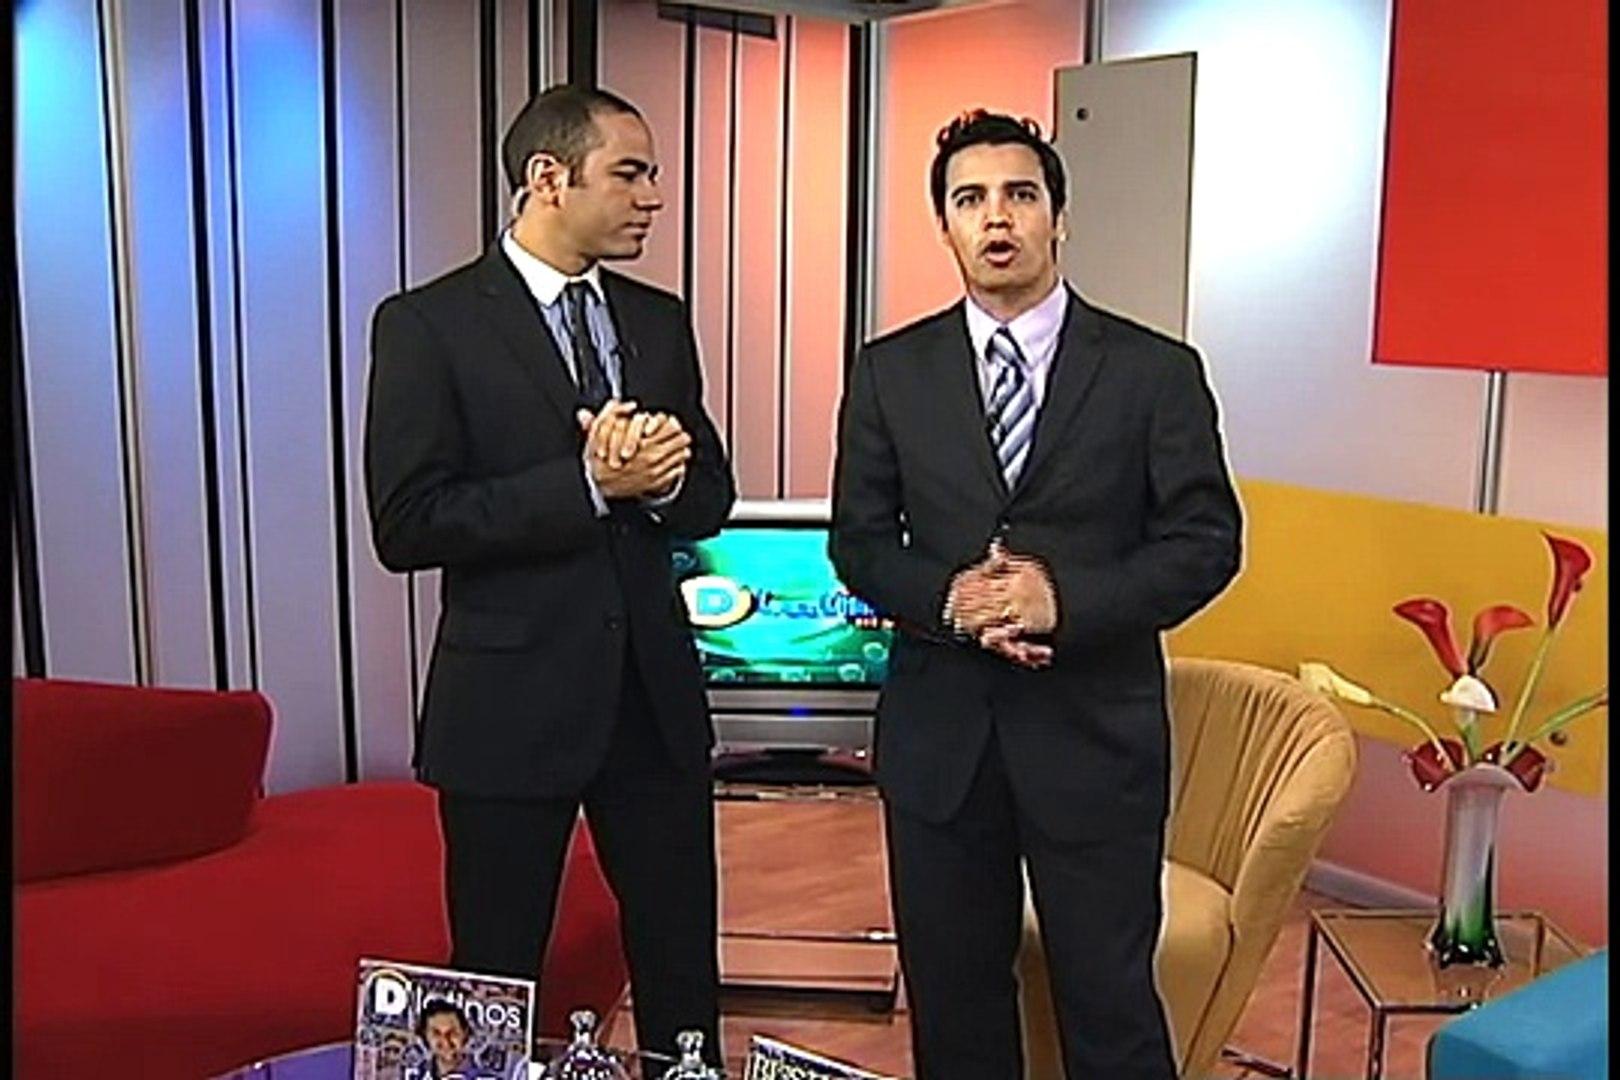 D'LATINOS SALUD AL DIA con Carlos y Mike LaPlaca 01-25-11